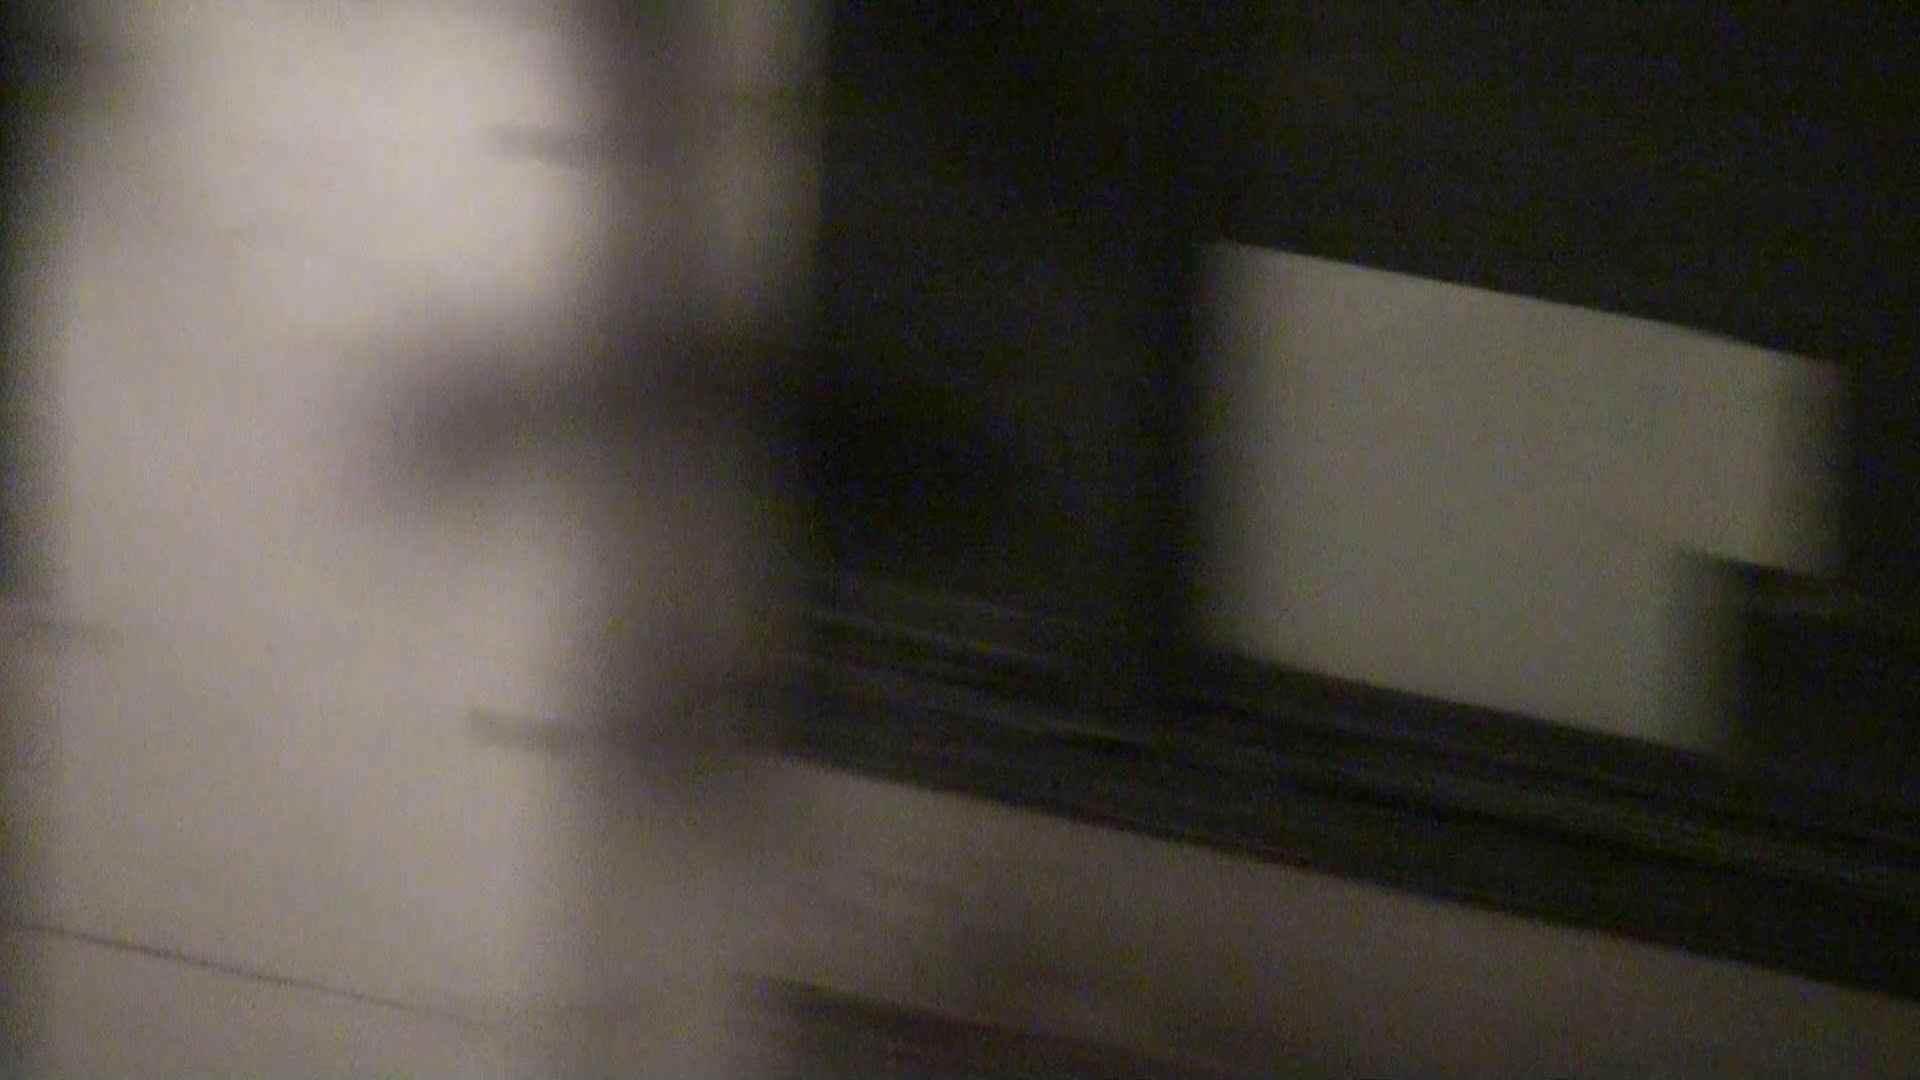 Aquaな露天風呂Vol.426 露天 | 盗撮  106画像 10